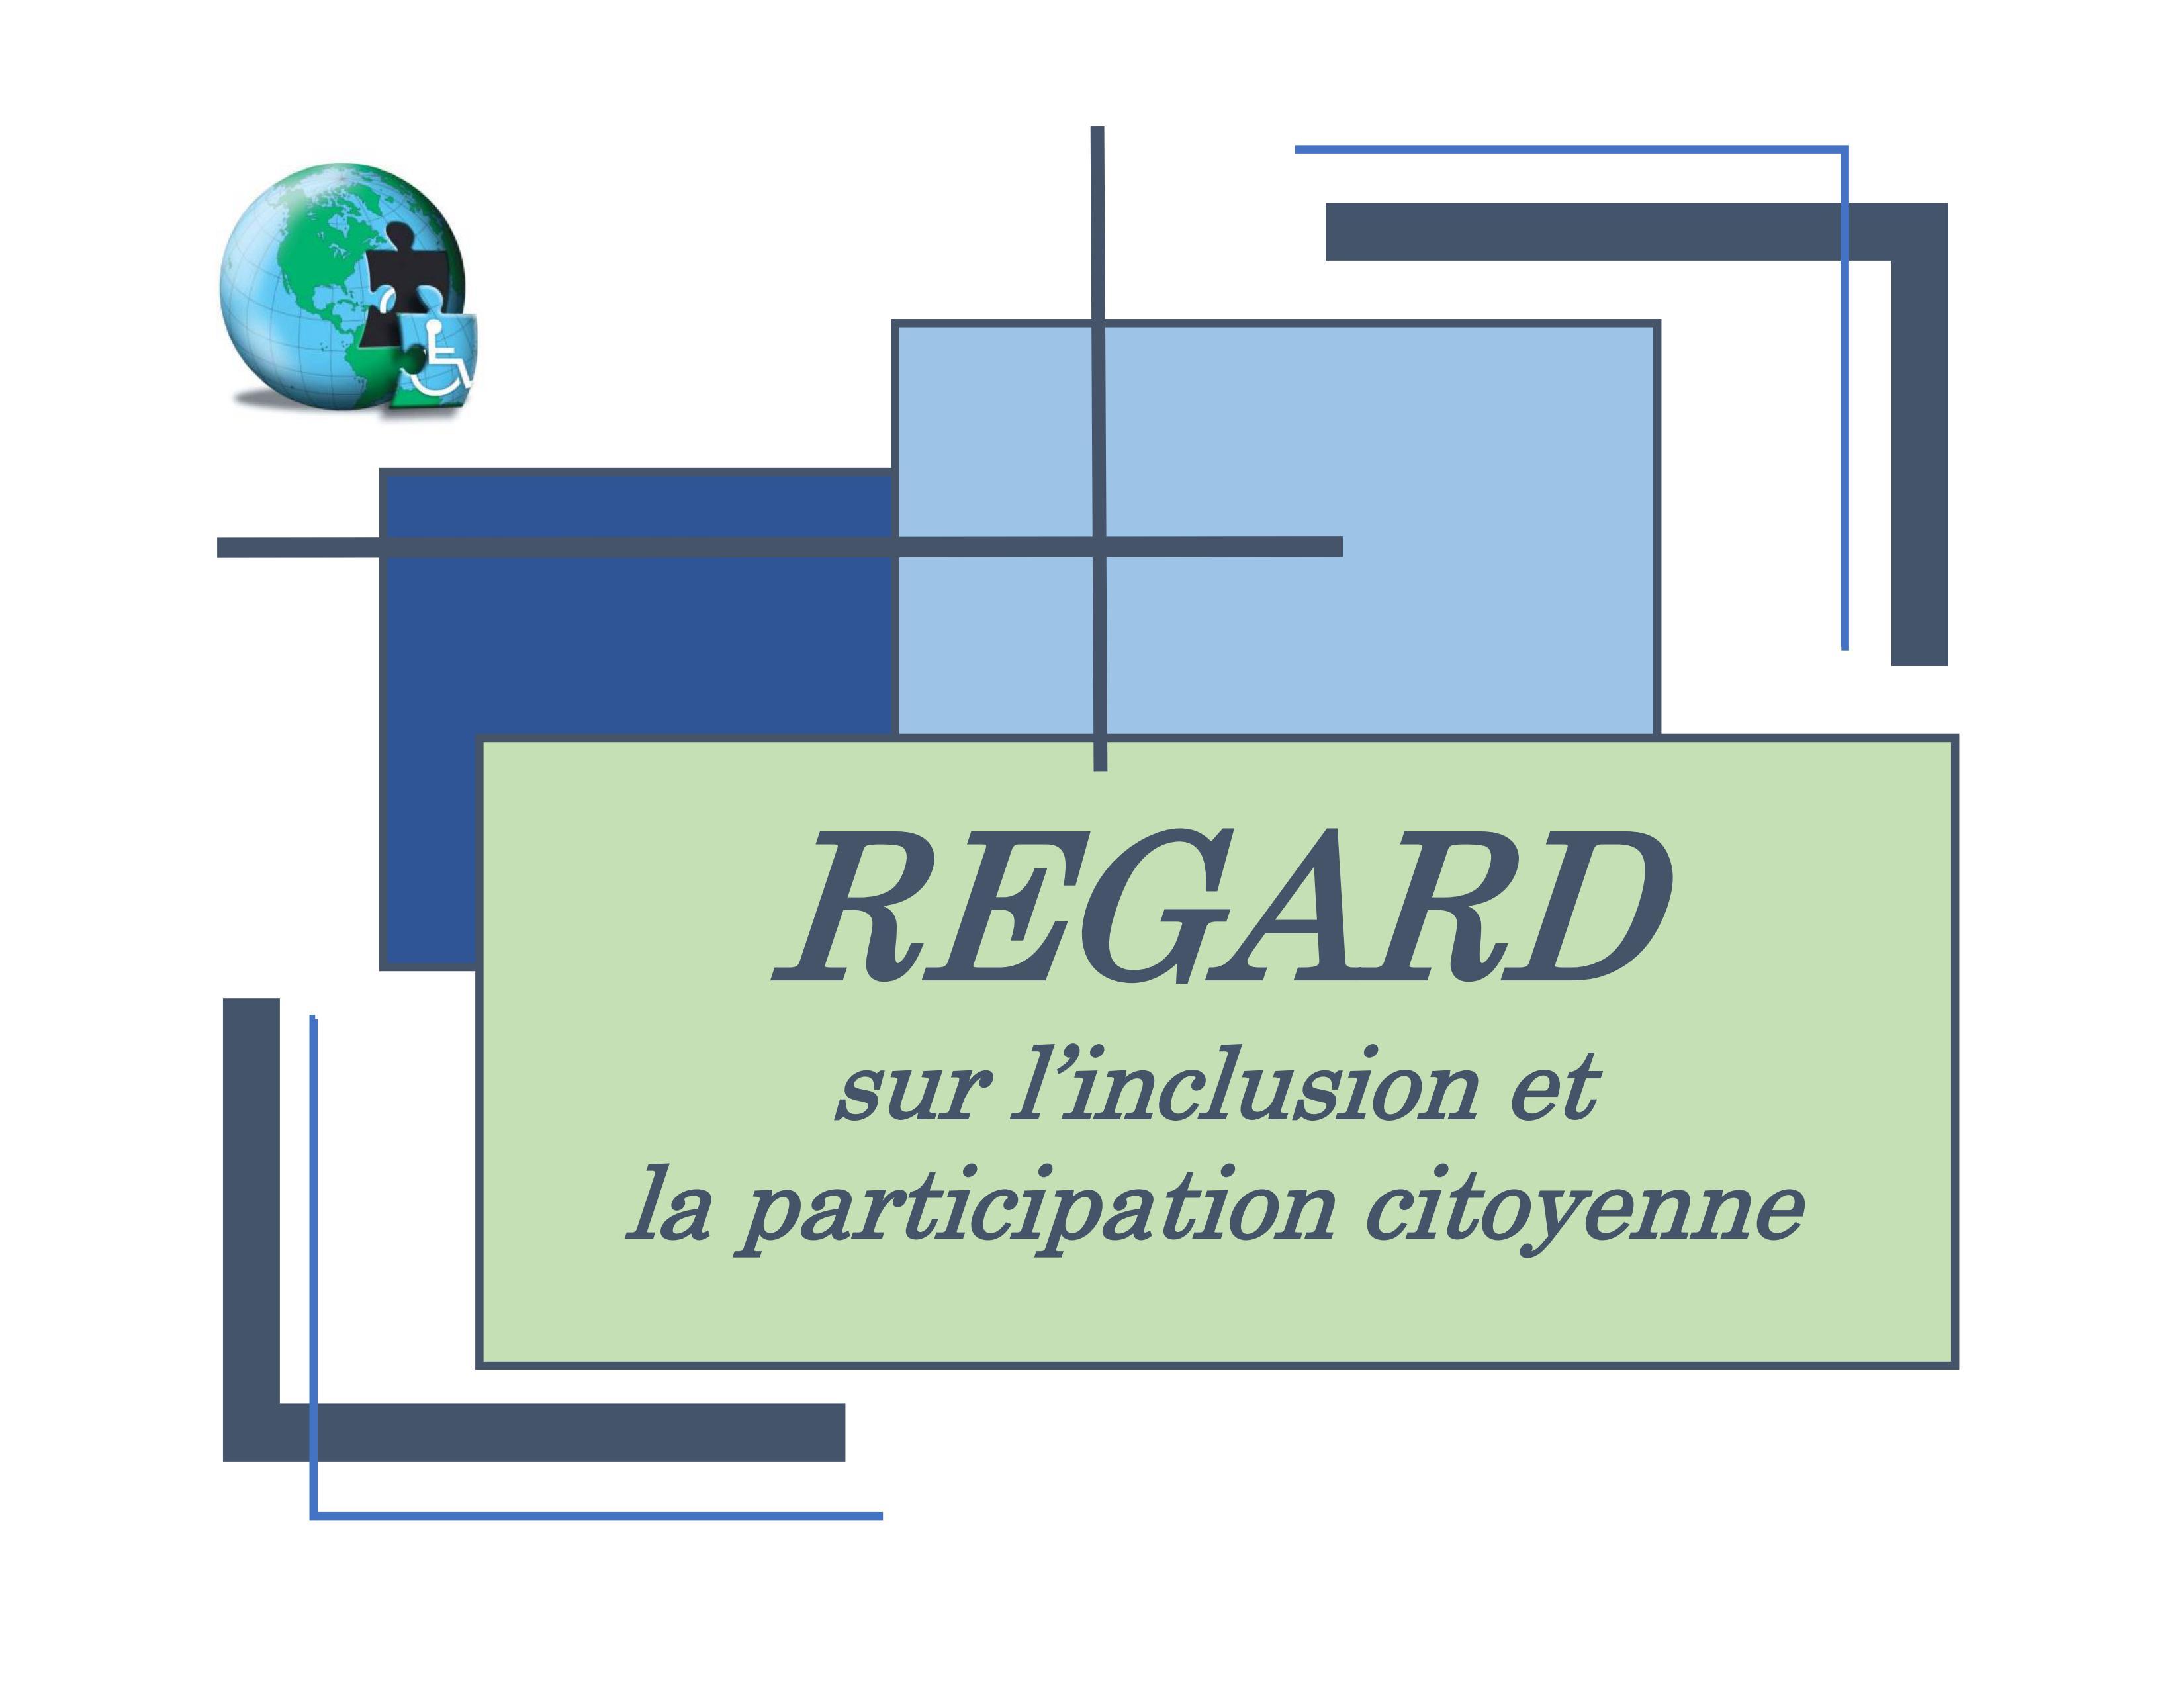 Regard sur l'inclusion et la participation citoyenne